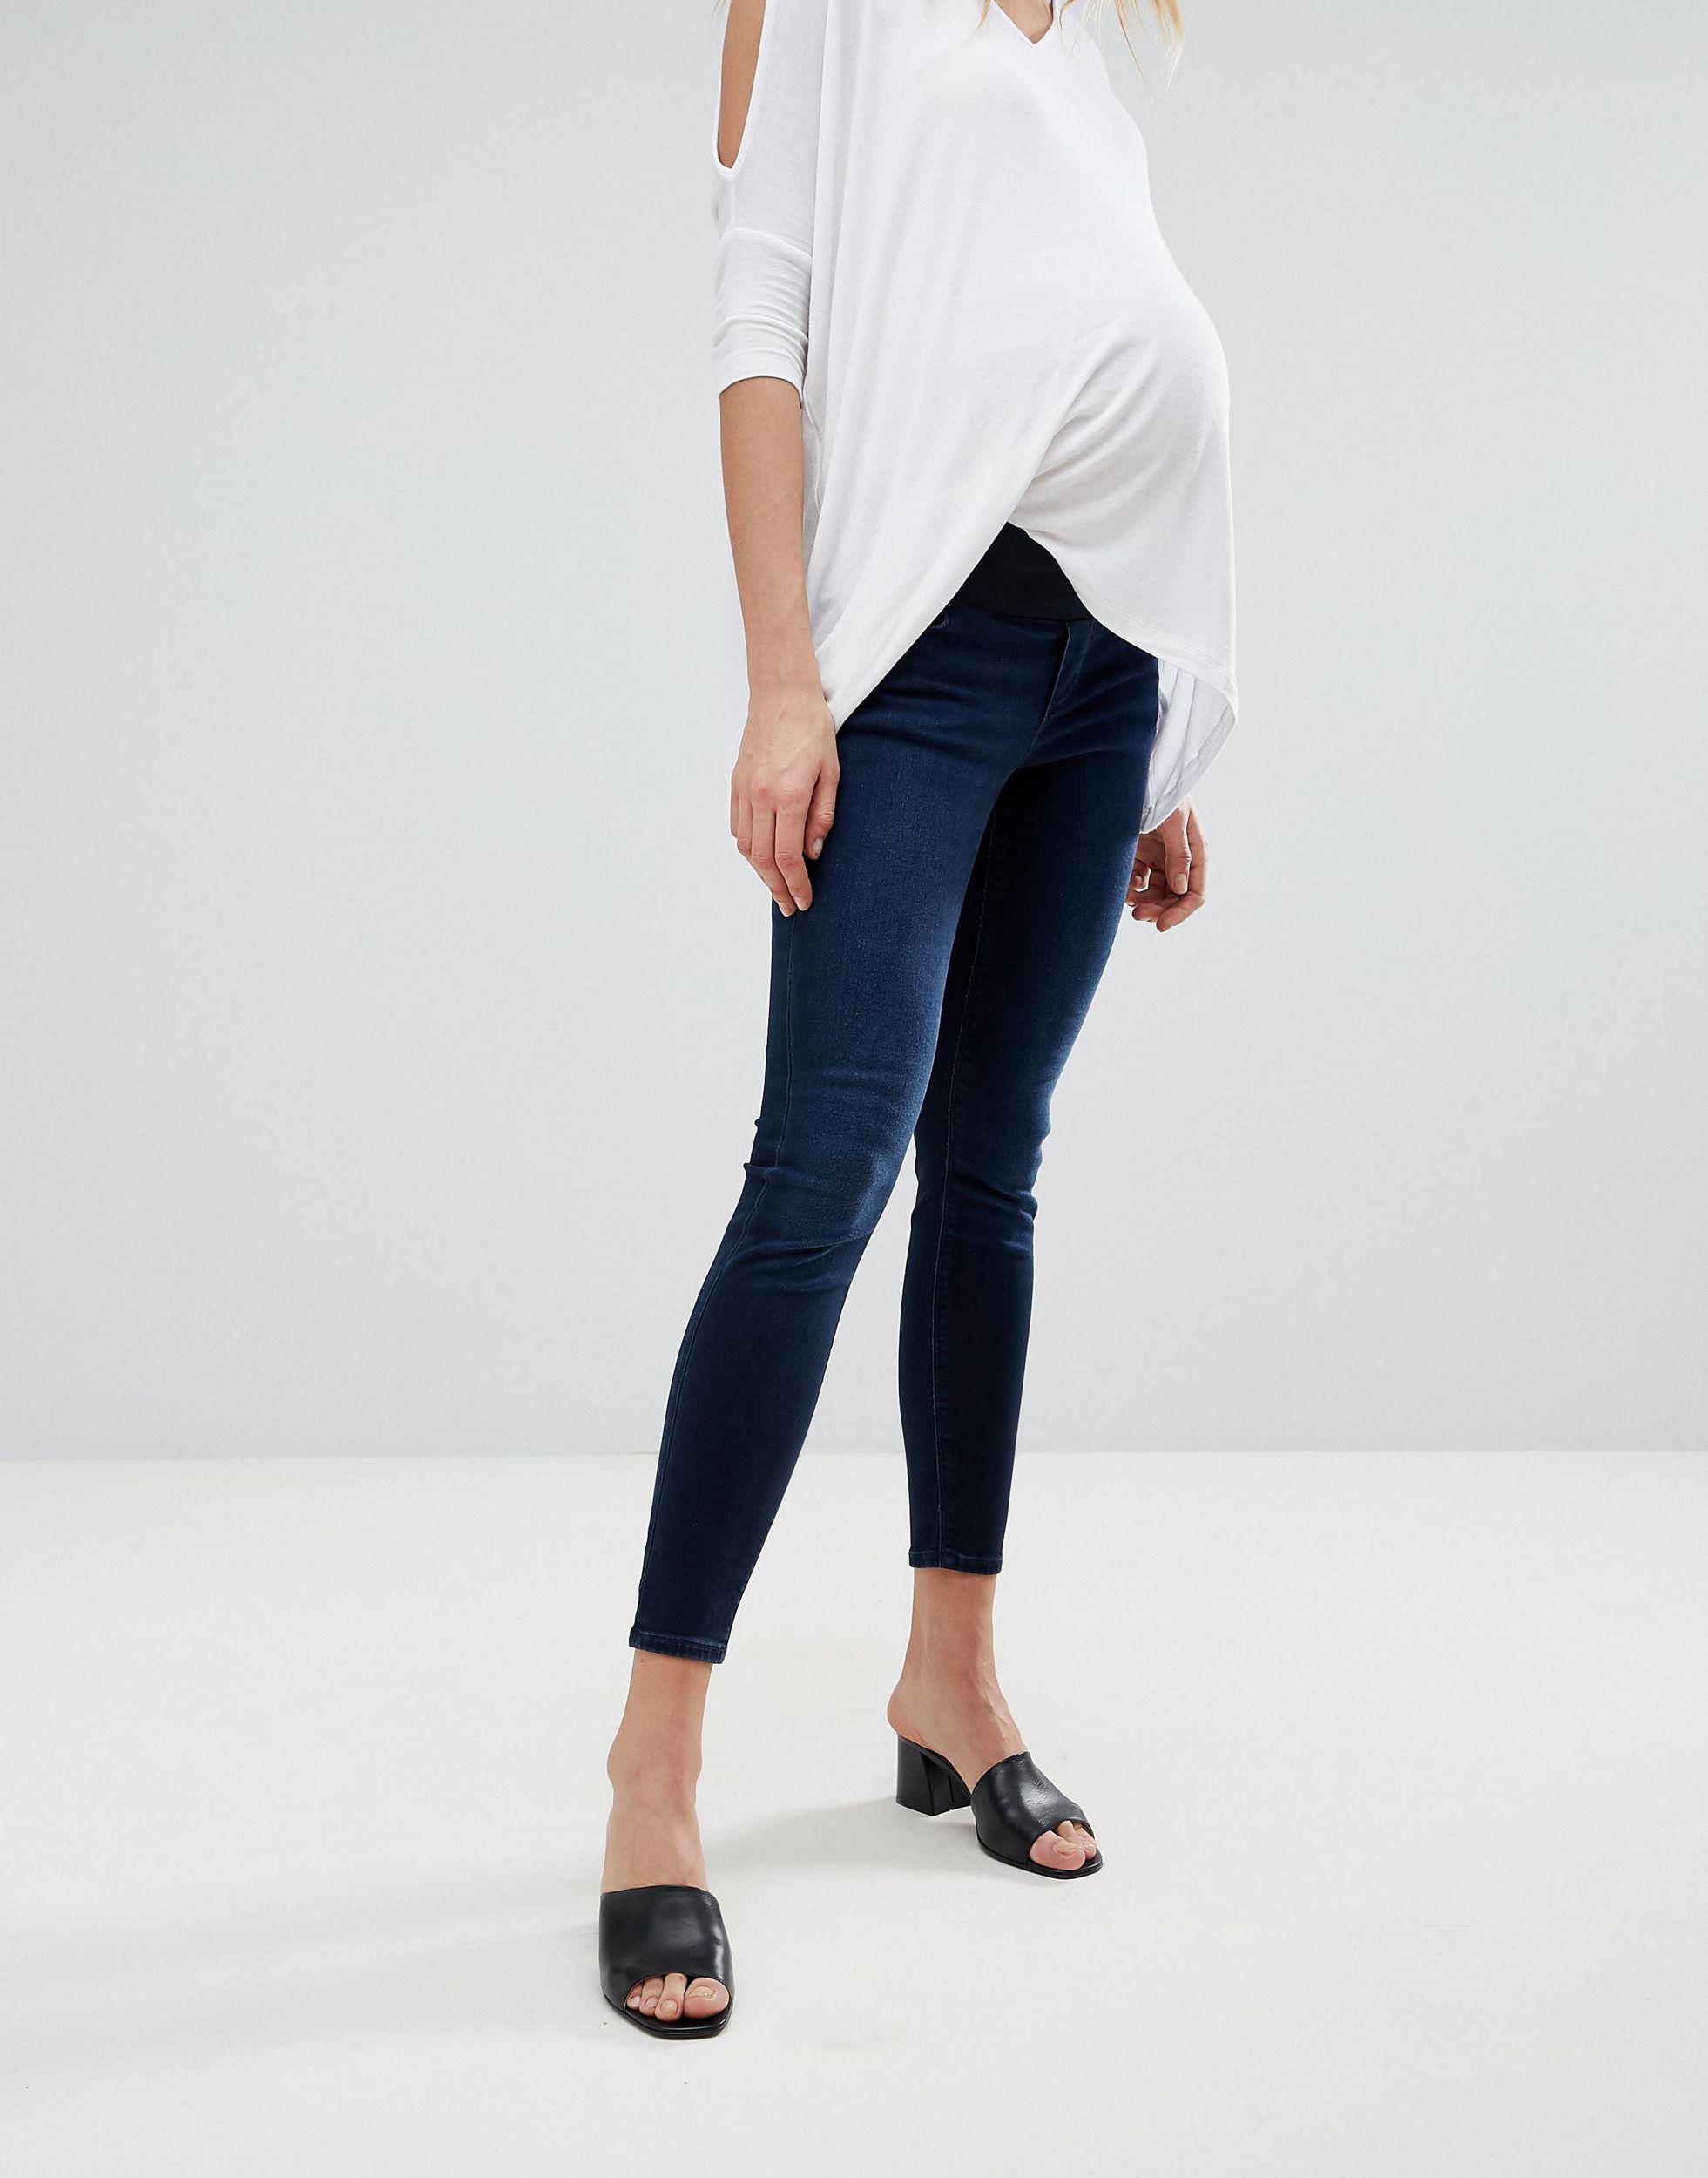 ASOS DESIGN Maternity - Ridley - Jean skinny taille haute avec bande passant sous le ventre - noir délavé Jean ASOS en coloris Bleu